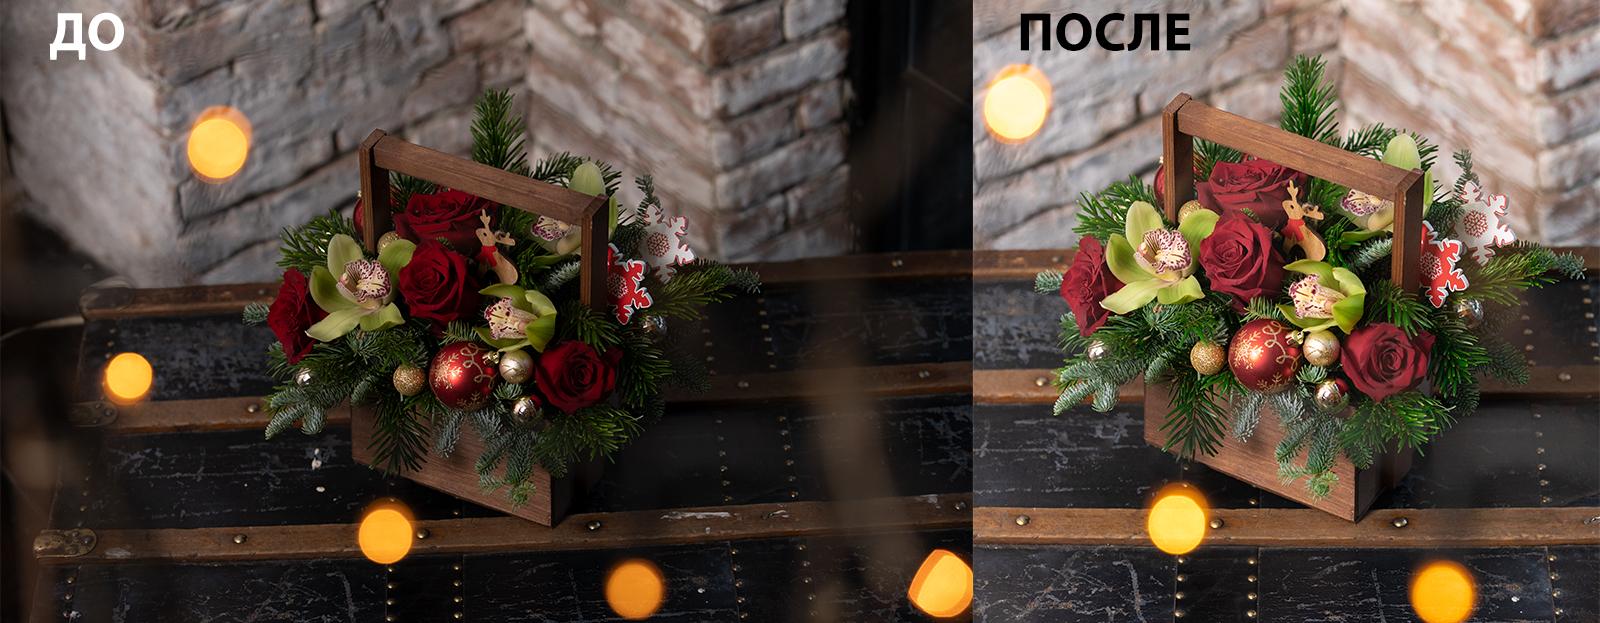 Ретушь для магазина цветов №1